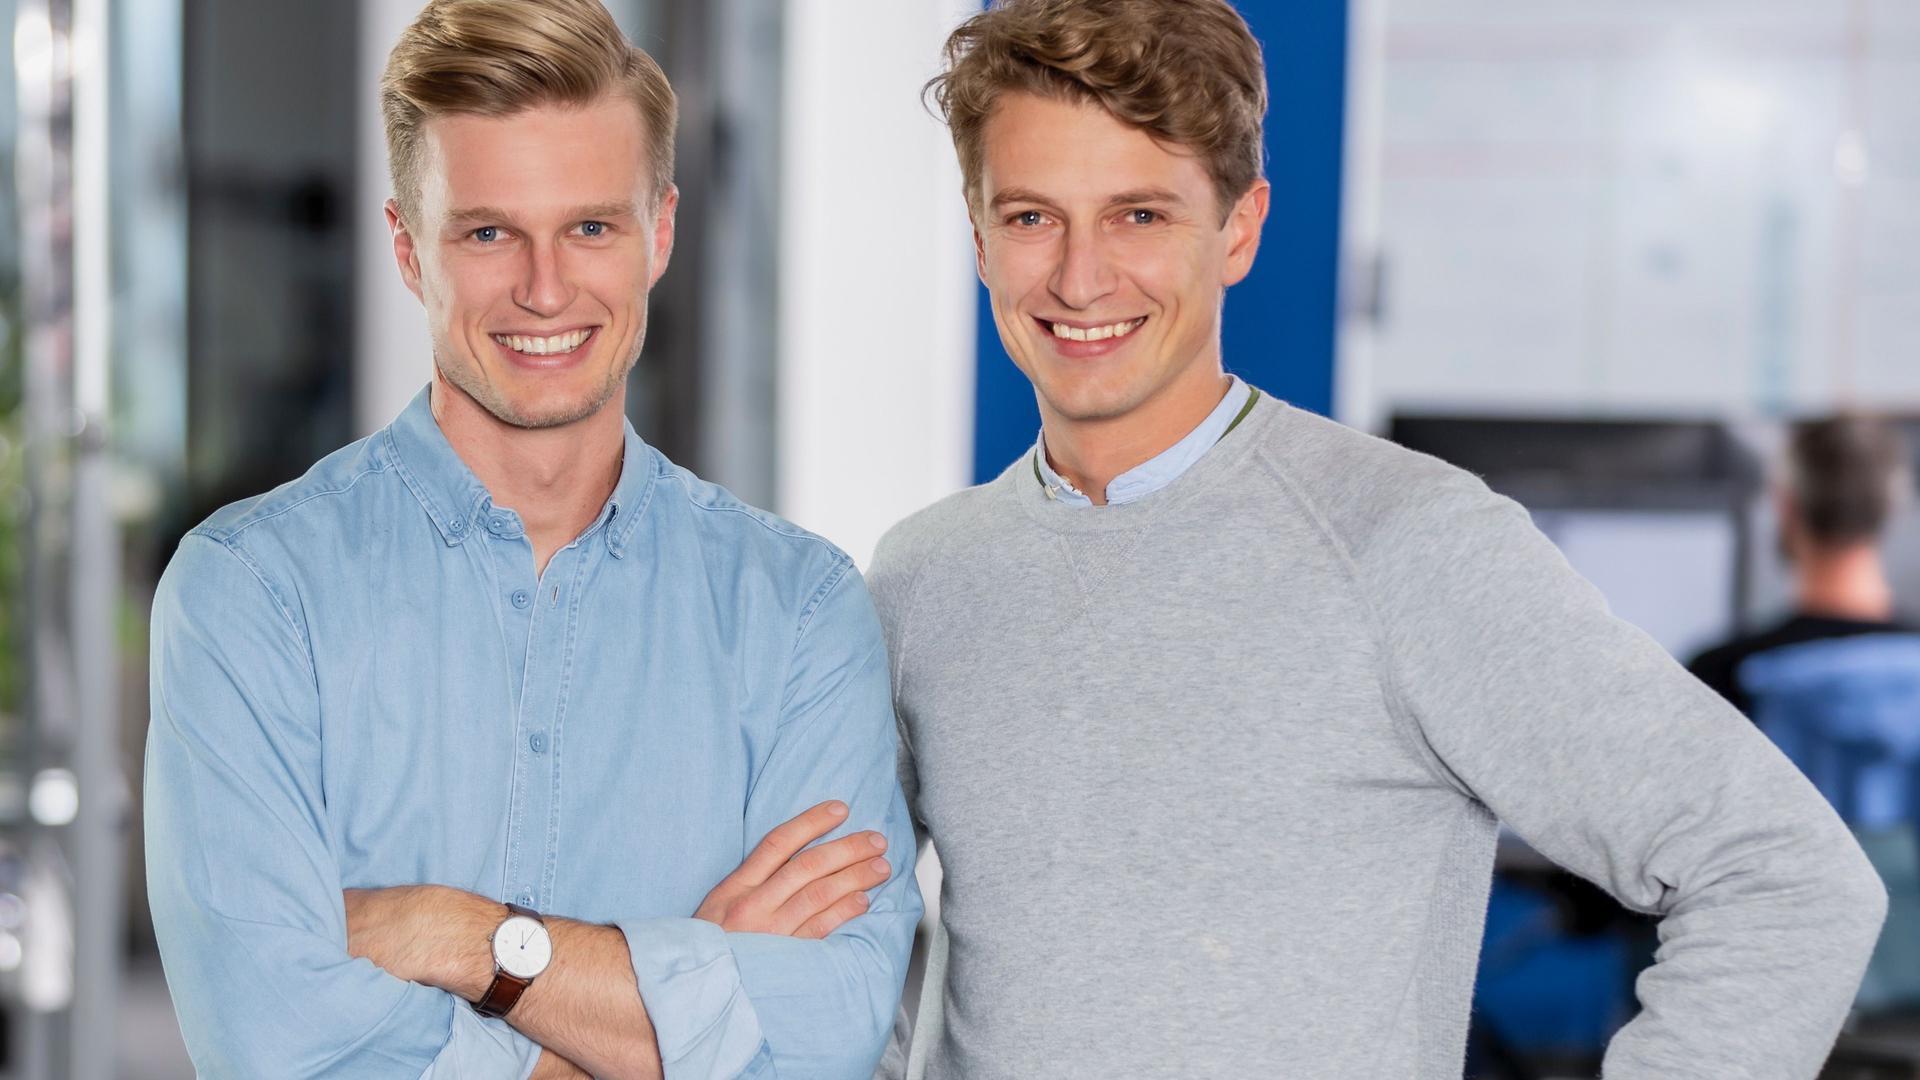 """Erfolgreiche Firmengründer. Michael Siebers (links) und sein Bruder Johannes sind die Köpfe hinter dem Ferienhausportal """"Holidu"""". Mehr als 15 Millionen Feriendomiziele sind über die Seite zu buchen."""